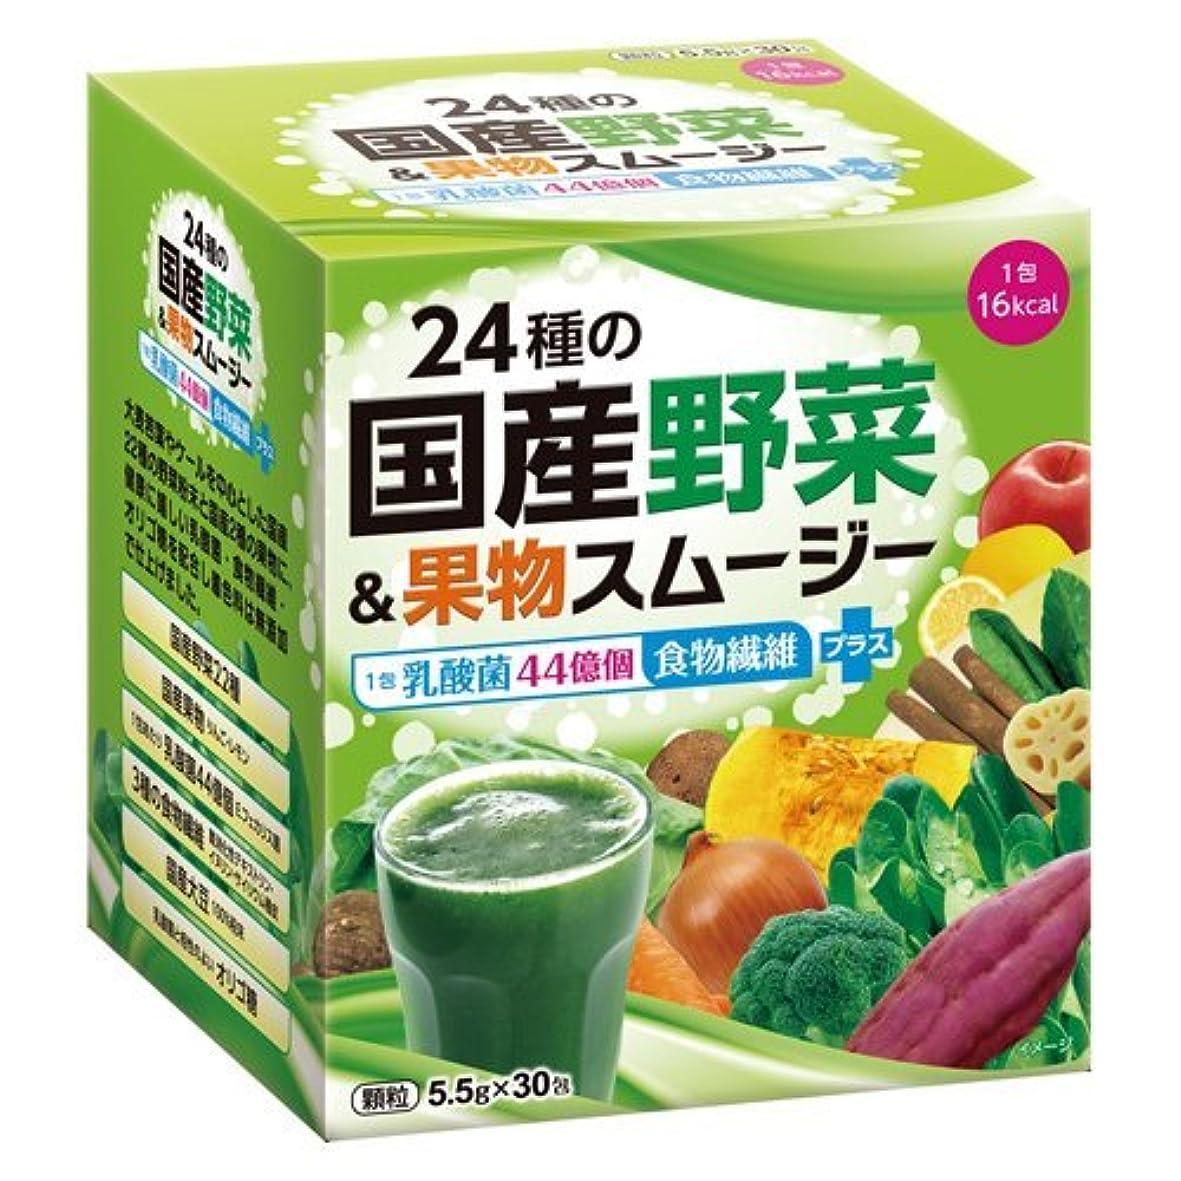 吸収補うスカウト24種の国産野菜&果物スムージー 165g(5.5g×30包)